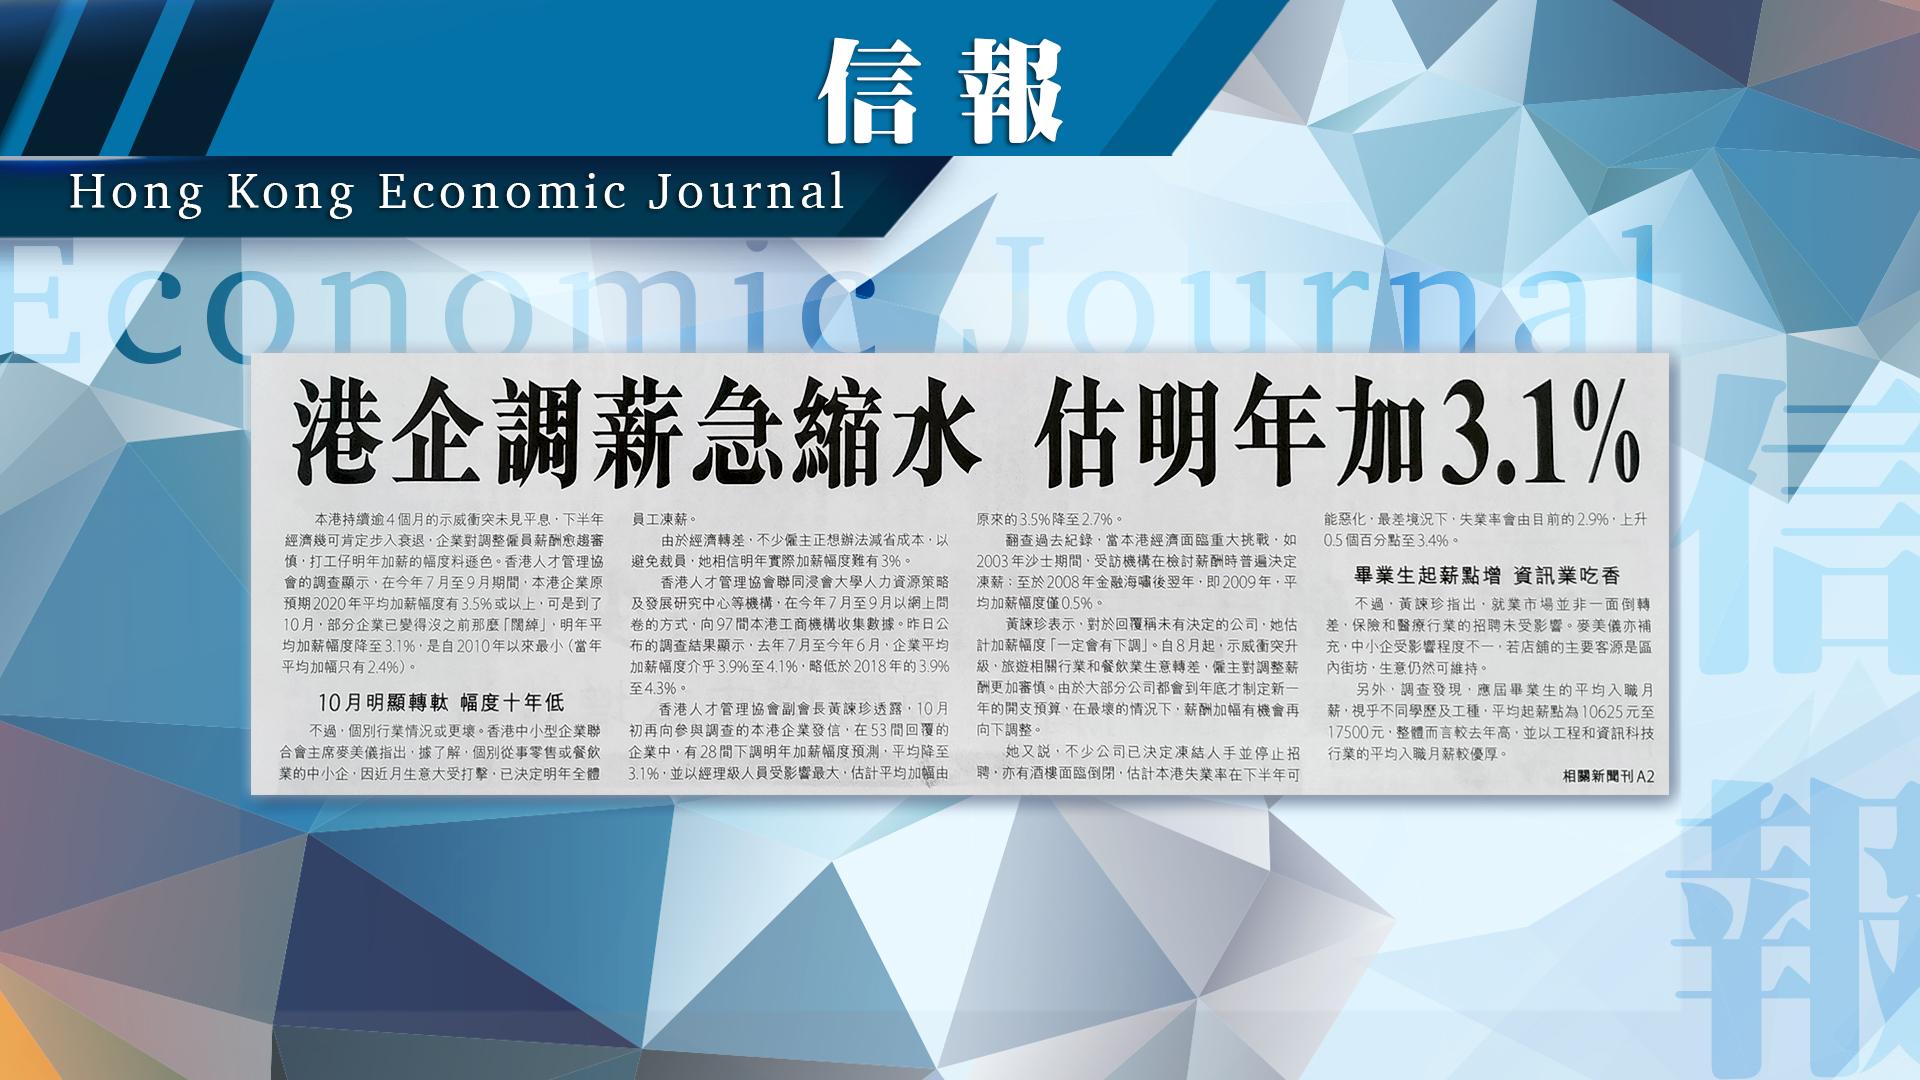 【報章A1速覽】選舉主任換人 黃之鋒批為DQ:港企調薪急縮水 估明年加3.1%